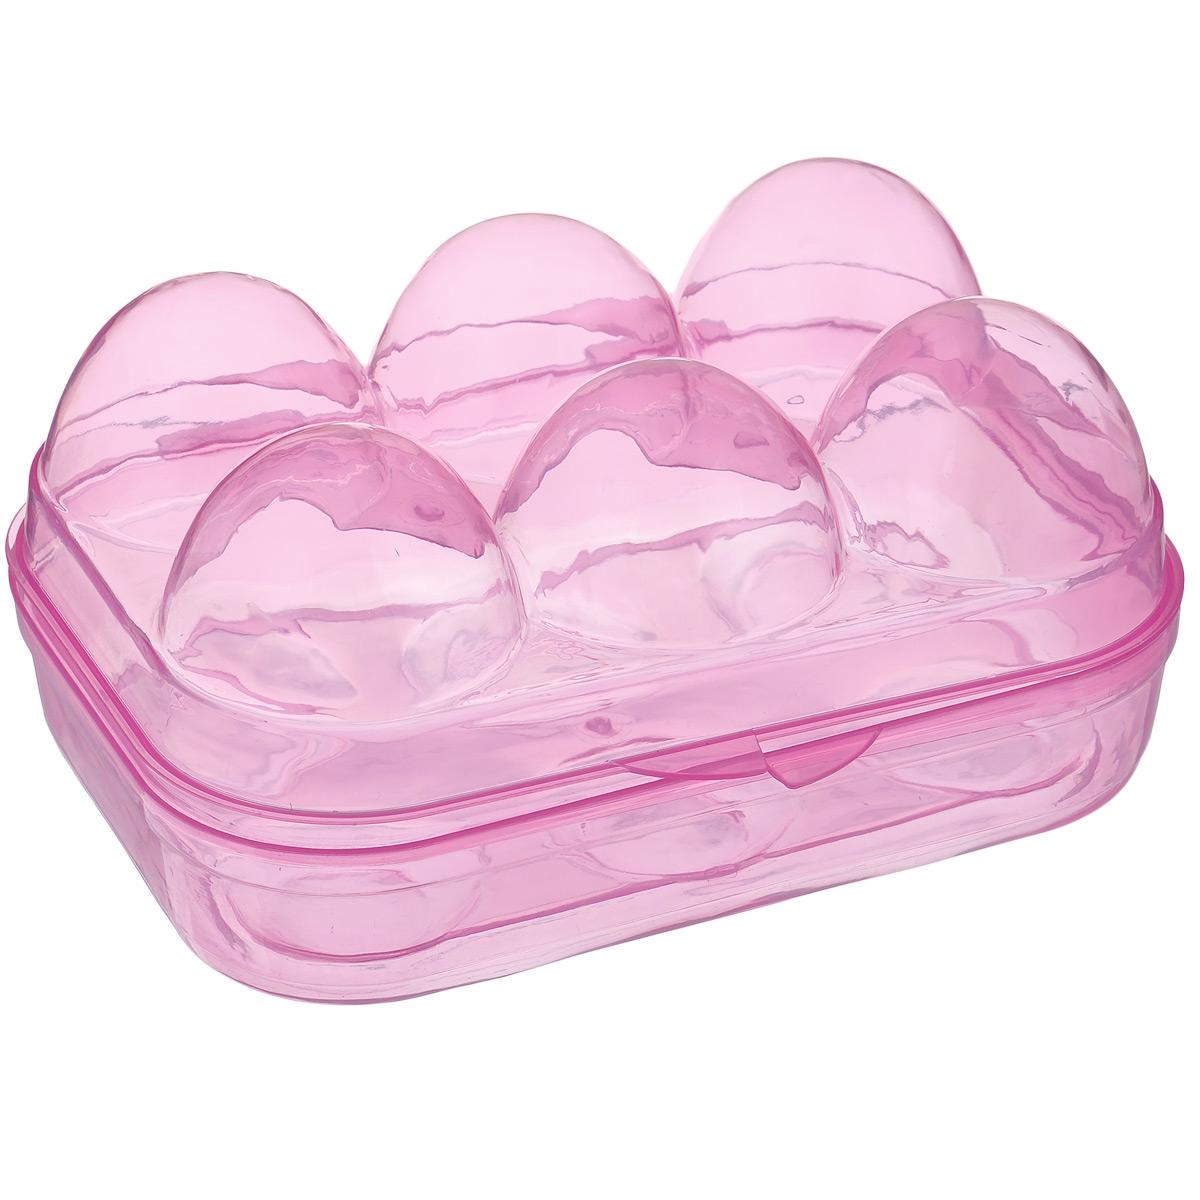 Контейнер для переноски 6 яиц Home Queen, цвет: розовый, 15 х 12 х 7 см66729_1Контейнер для переноски 6 яиц Home Queen изготовлен из высококачественного пищевого пластика. Контейнер плотно закрывается, что позволяет использовать его для переноски яиц. С ним яйца не разобьются, поэтому теперь их можно взять куда угодно - на отдых, природу и т.д.